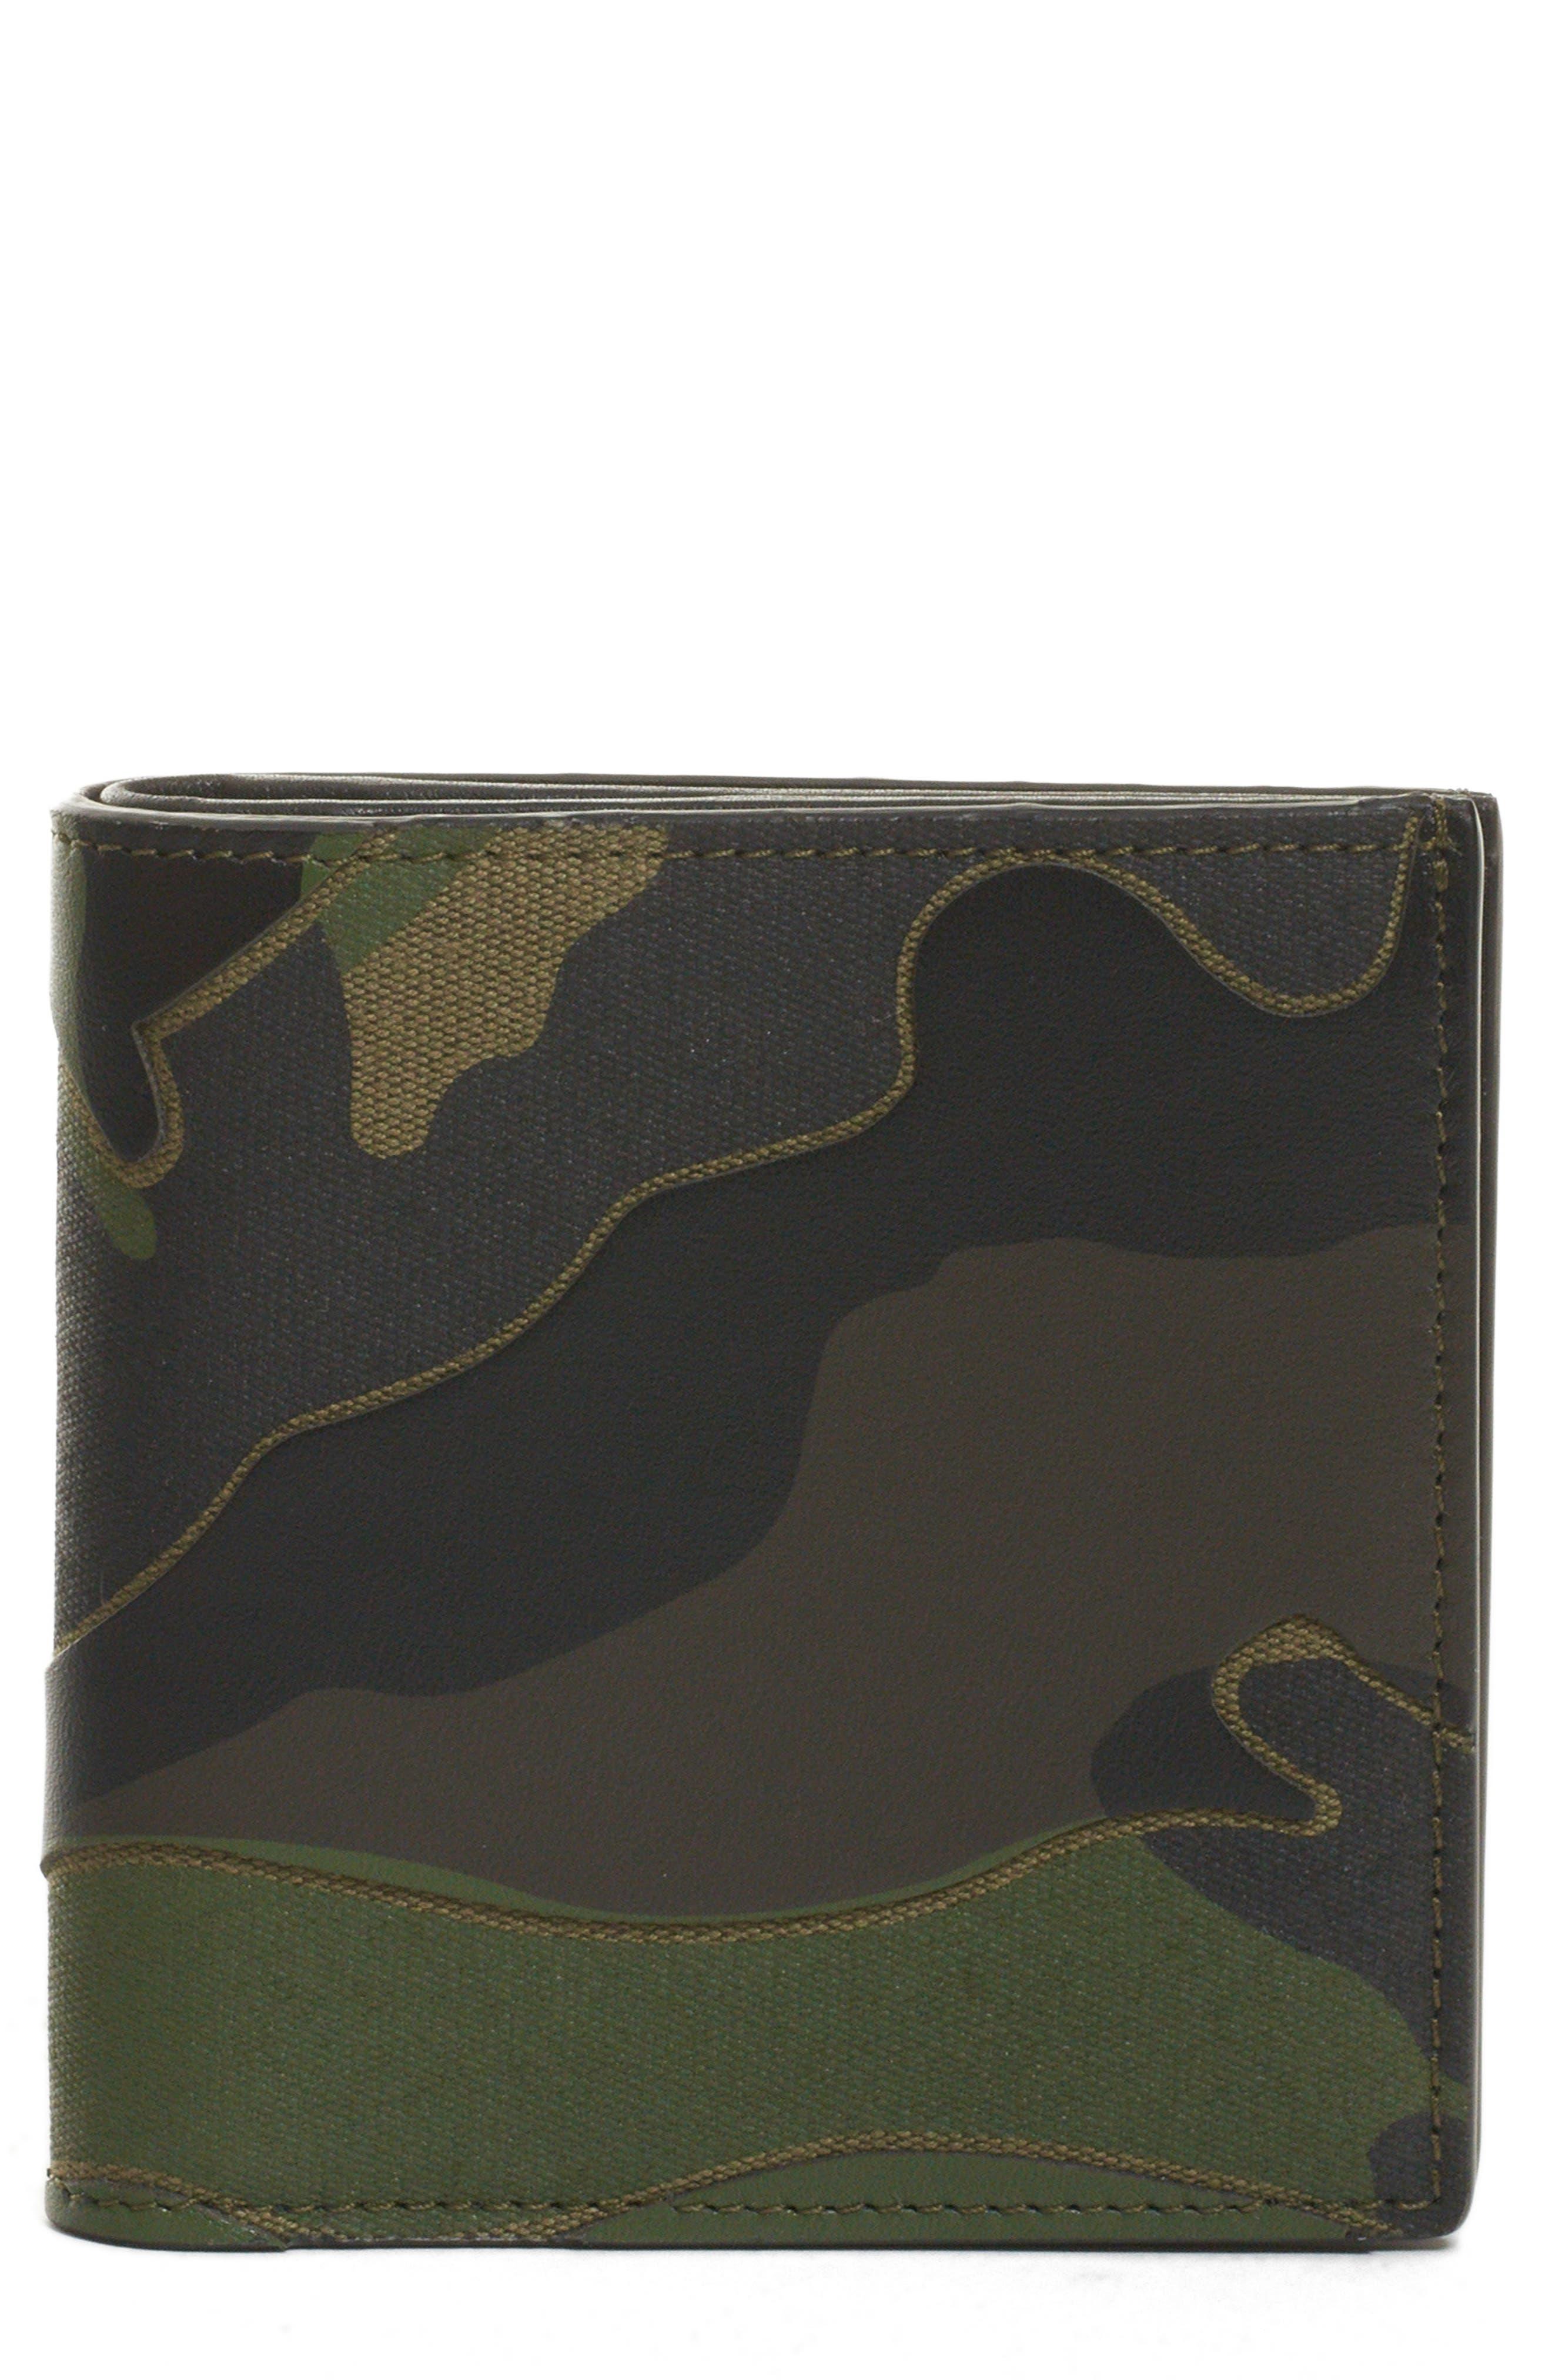 GARAVANI Camo Wallet,                             Main thumbnail 1, color,                             CAMO ARMY